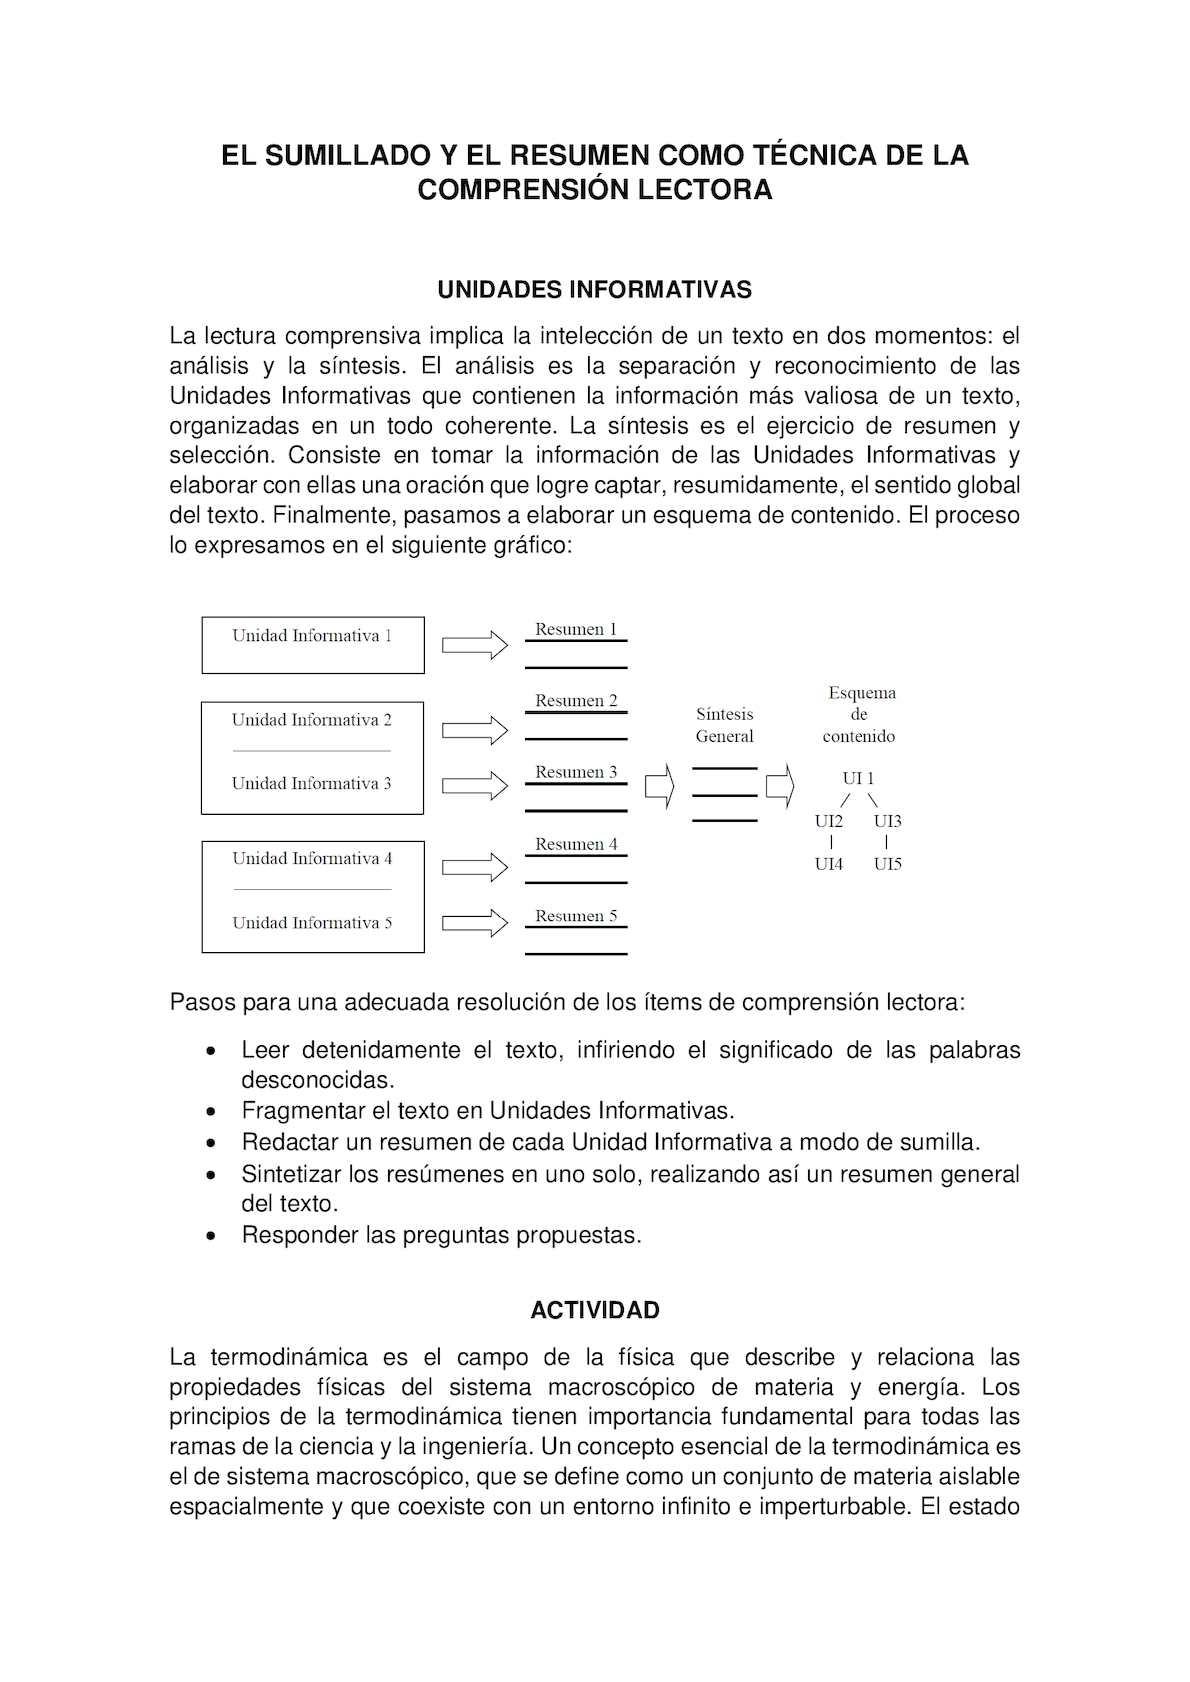 El Sumillado Y El Resumen Como Técnica De La Comprensión Lectora ...